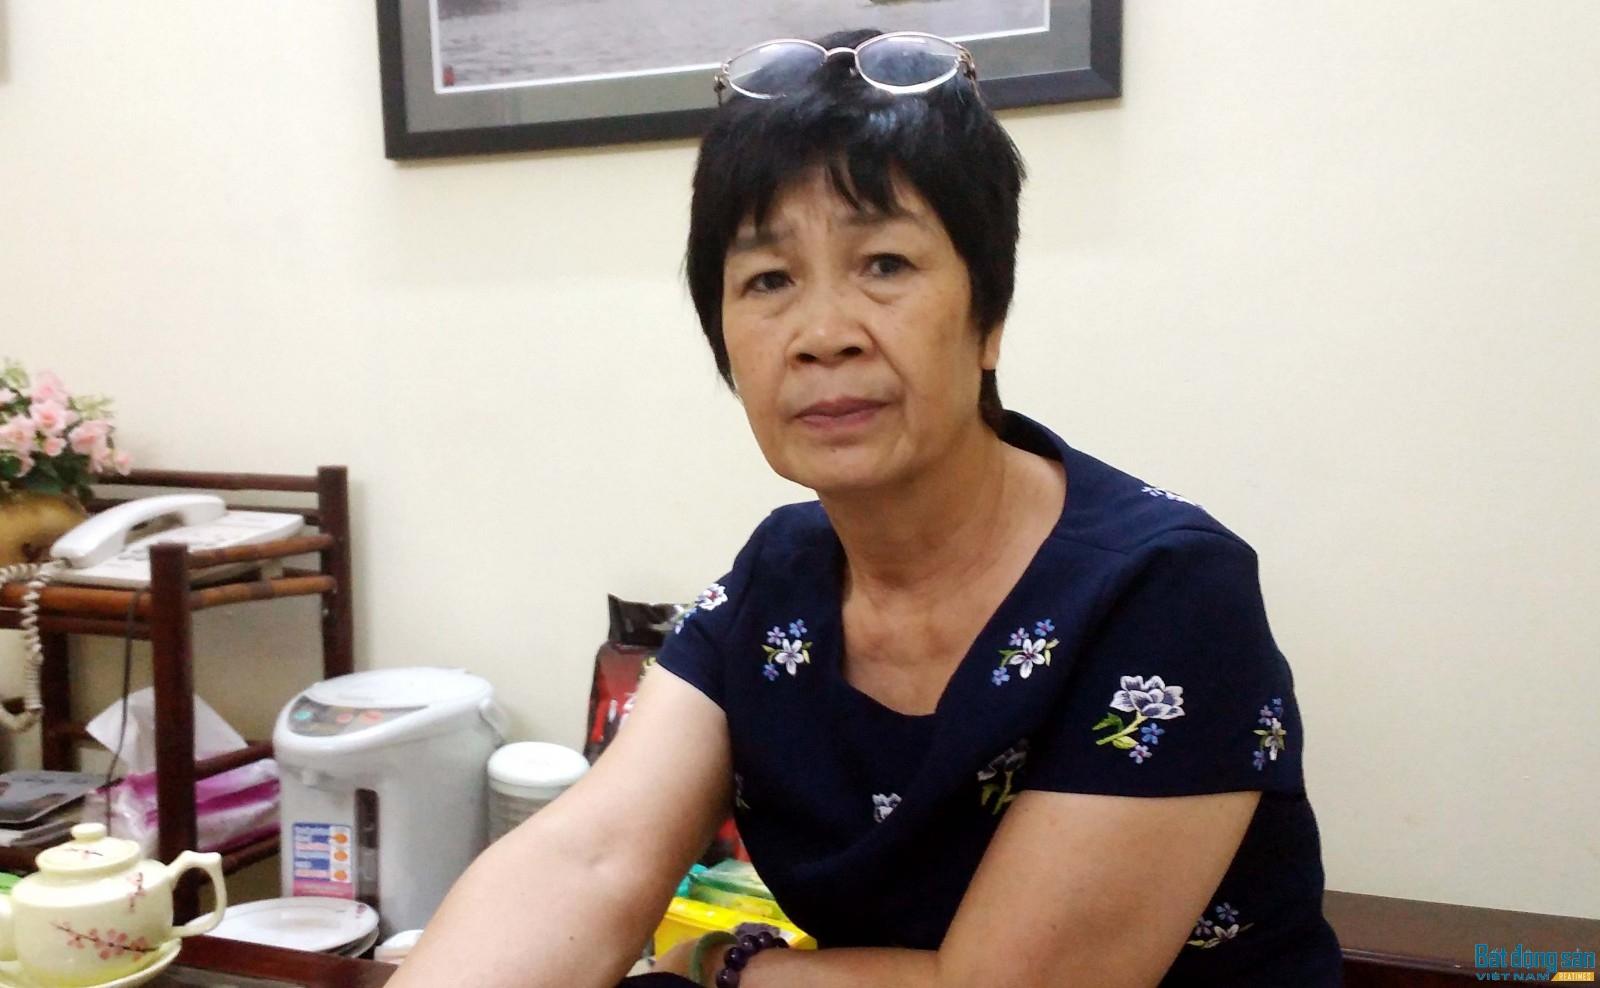 Nhà biên kịch Nguyễn Thị Hồng Ngát. Ảnh: Tuấn Minh